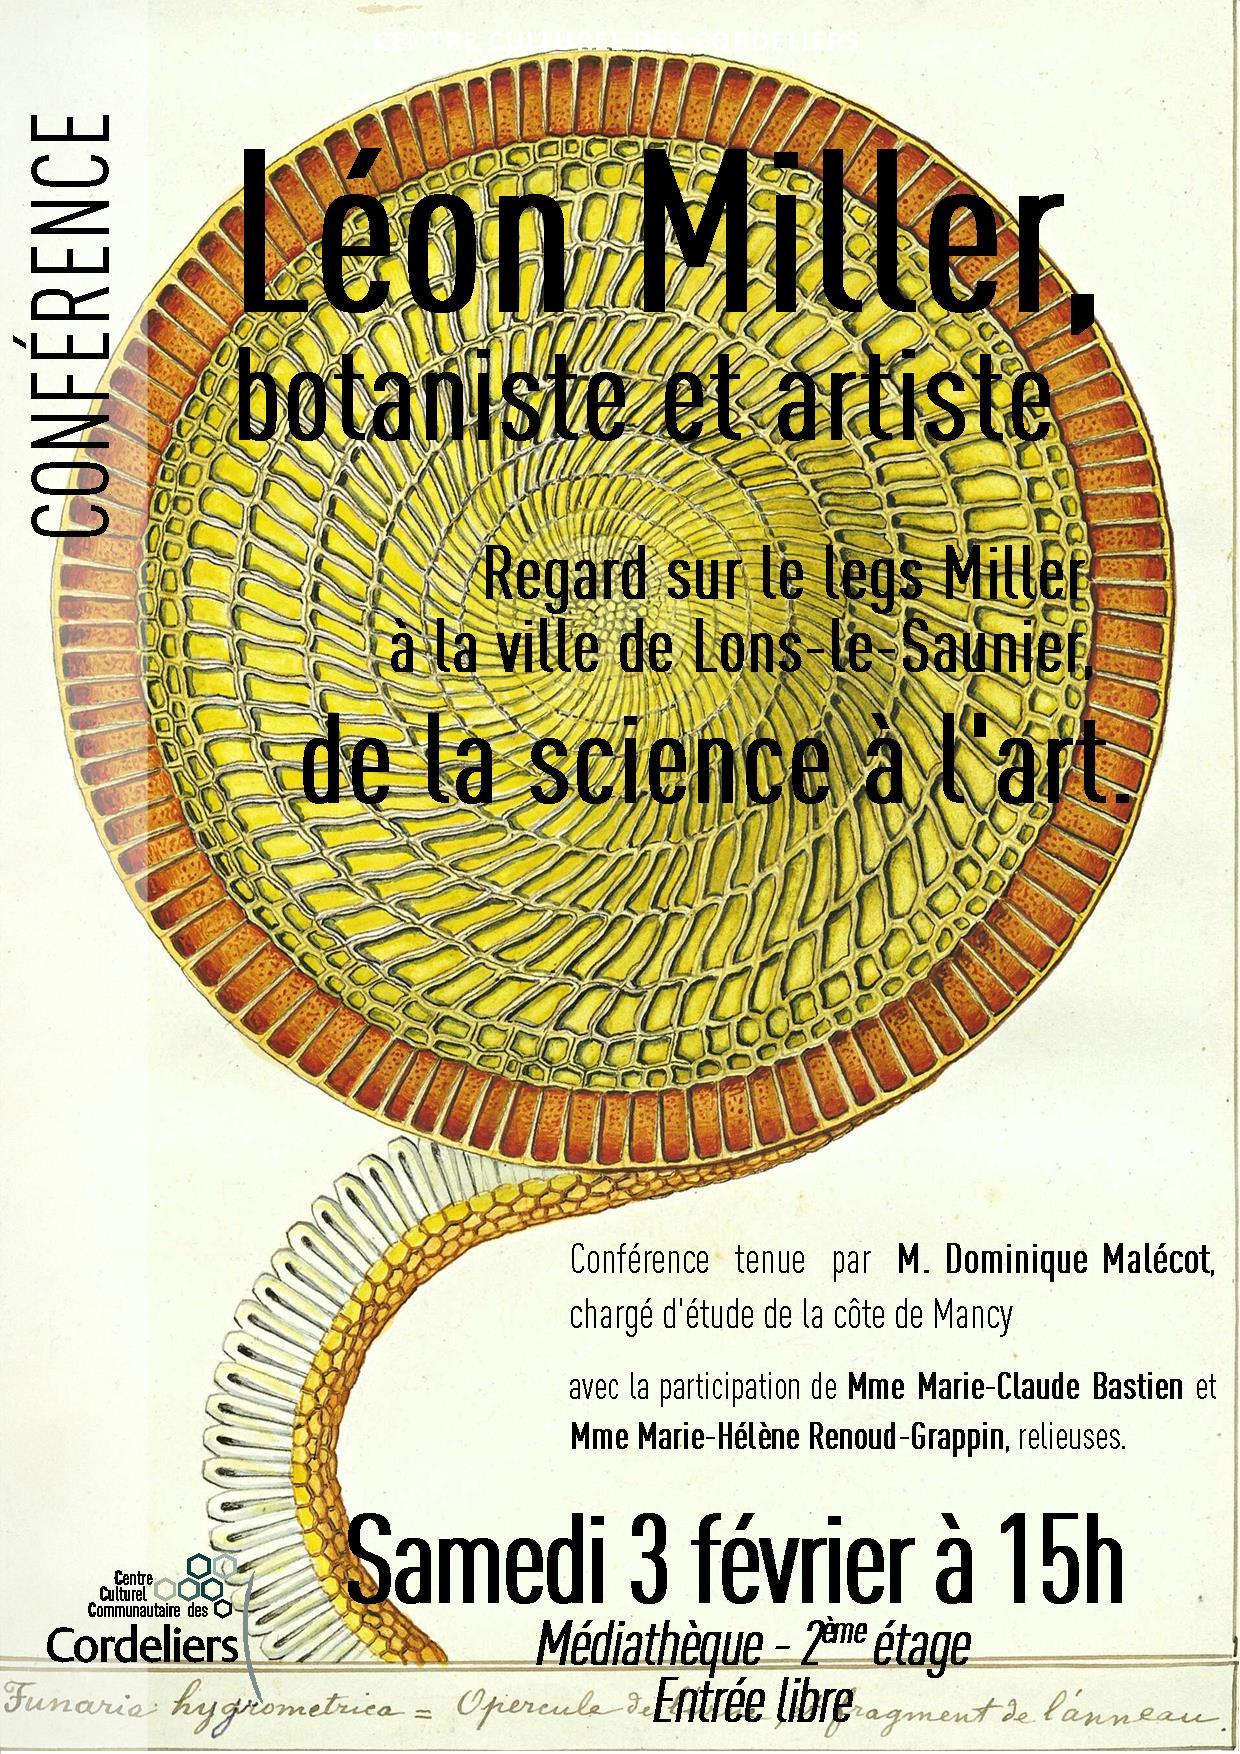 Conférence consacrée au botaniste Léon Miller – Lons le Saunier – Samedi 3 février 2018